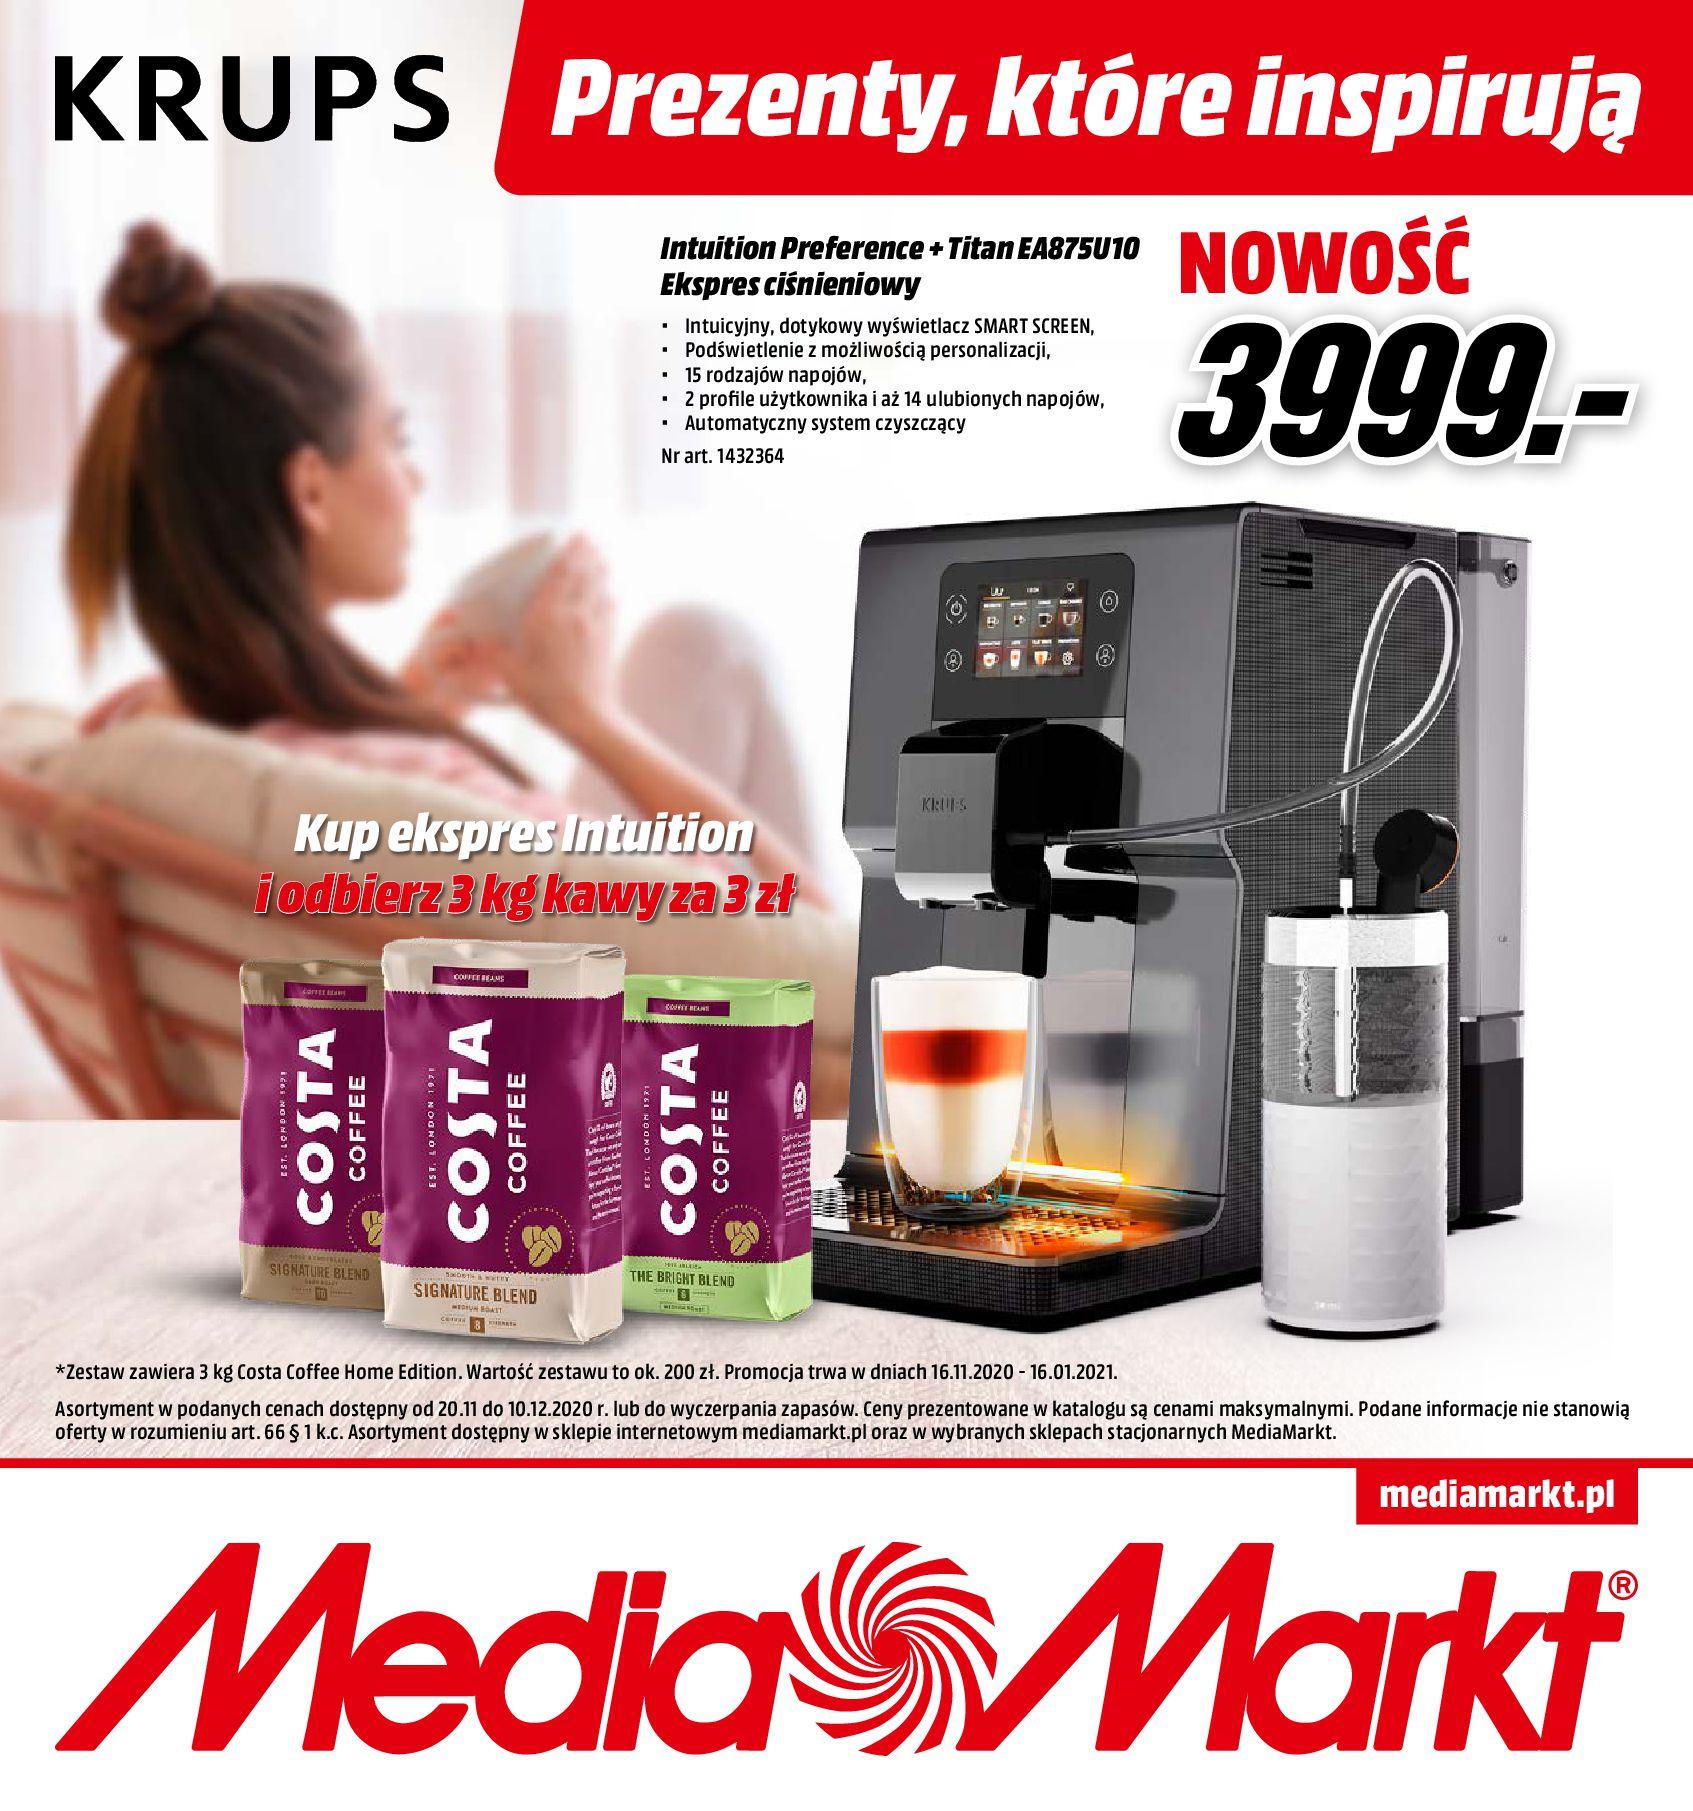 Media Markt:  KATALOG 19.11.2020